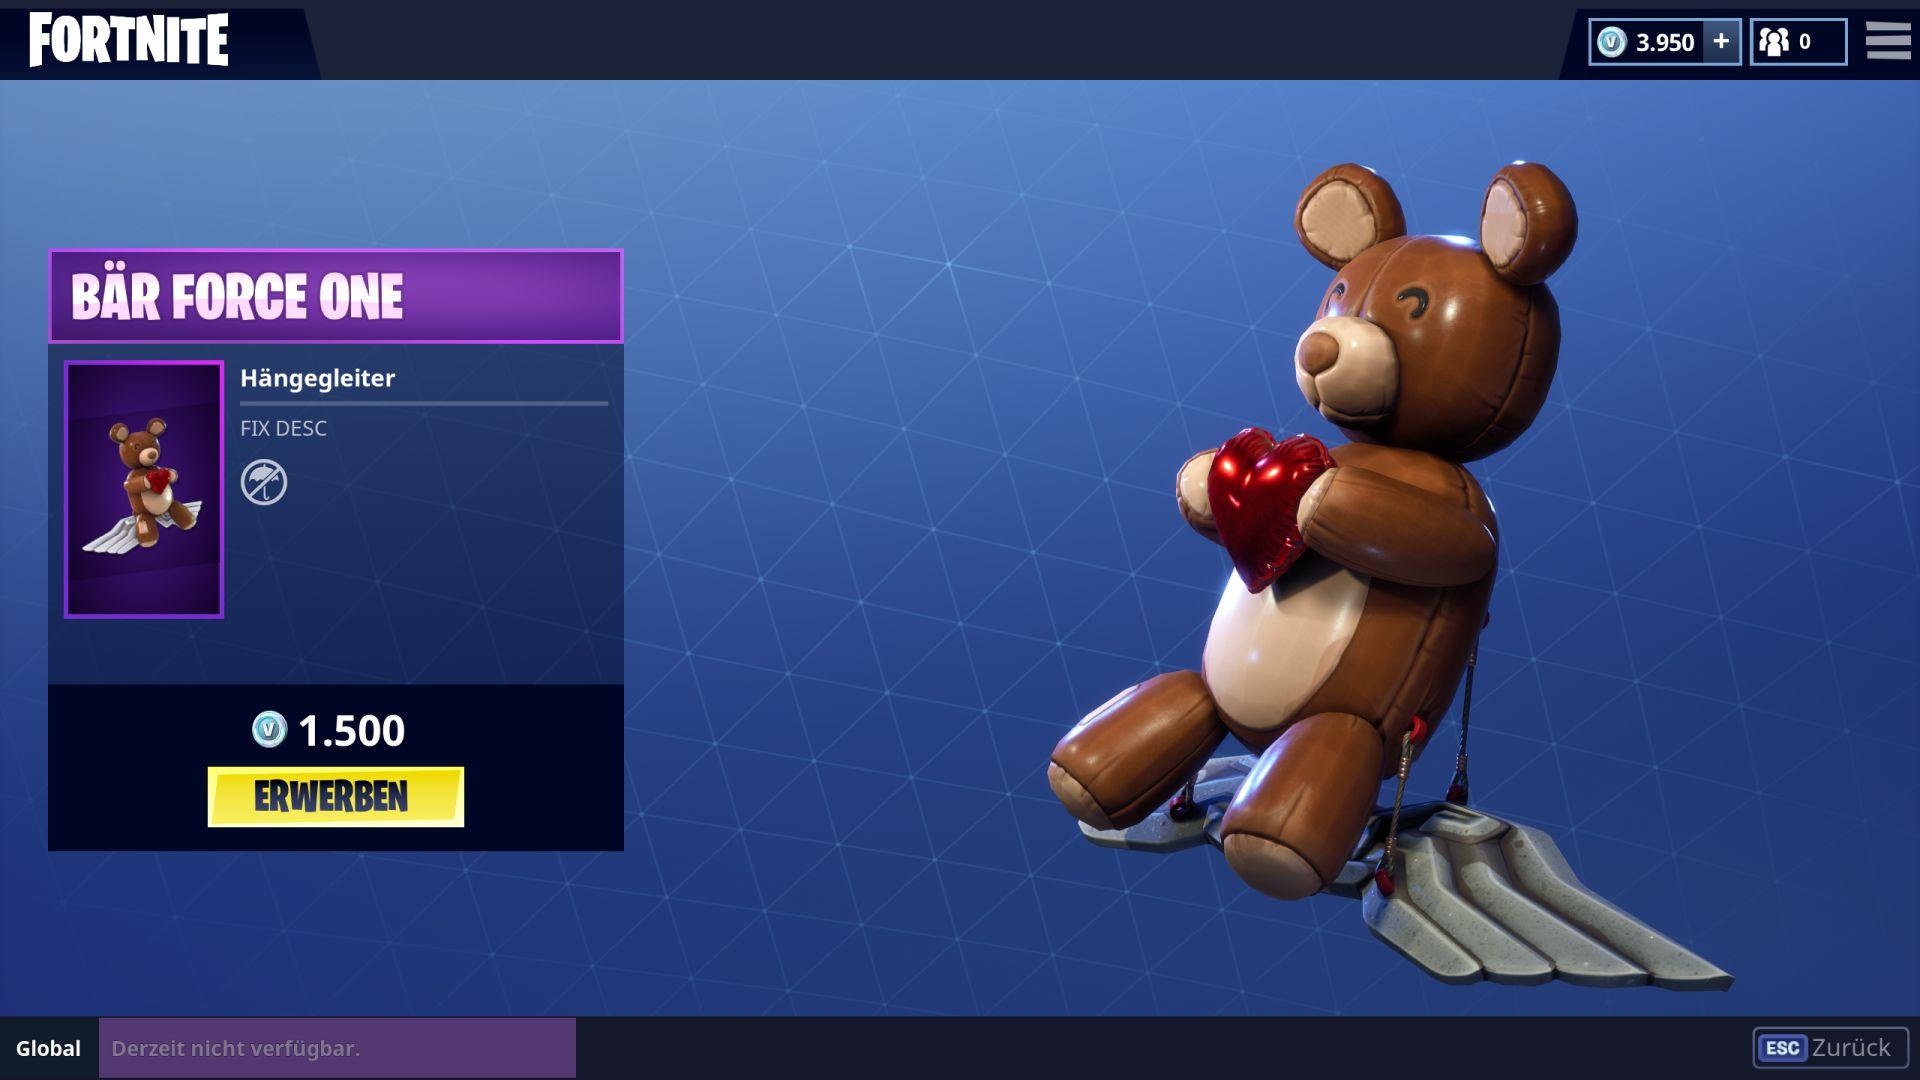 Fortnite-Bear-Force-One-01